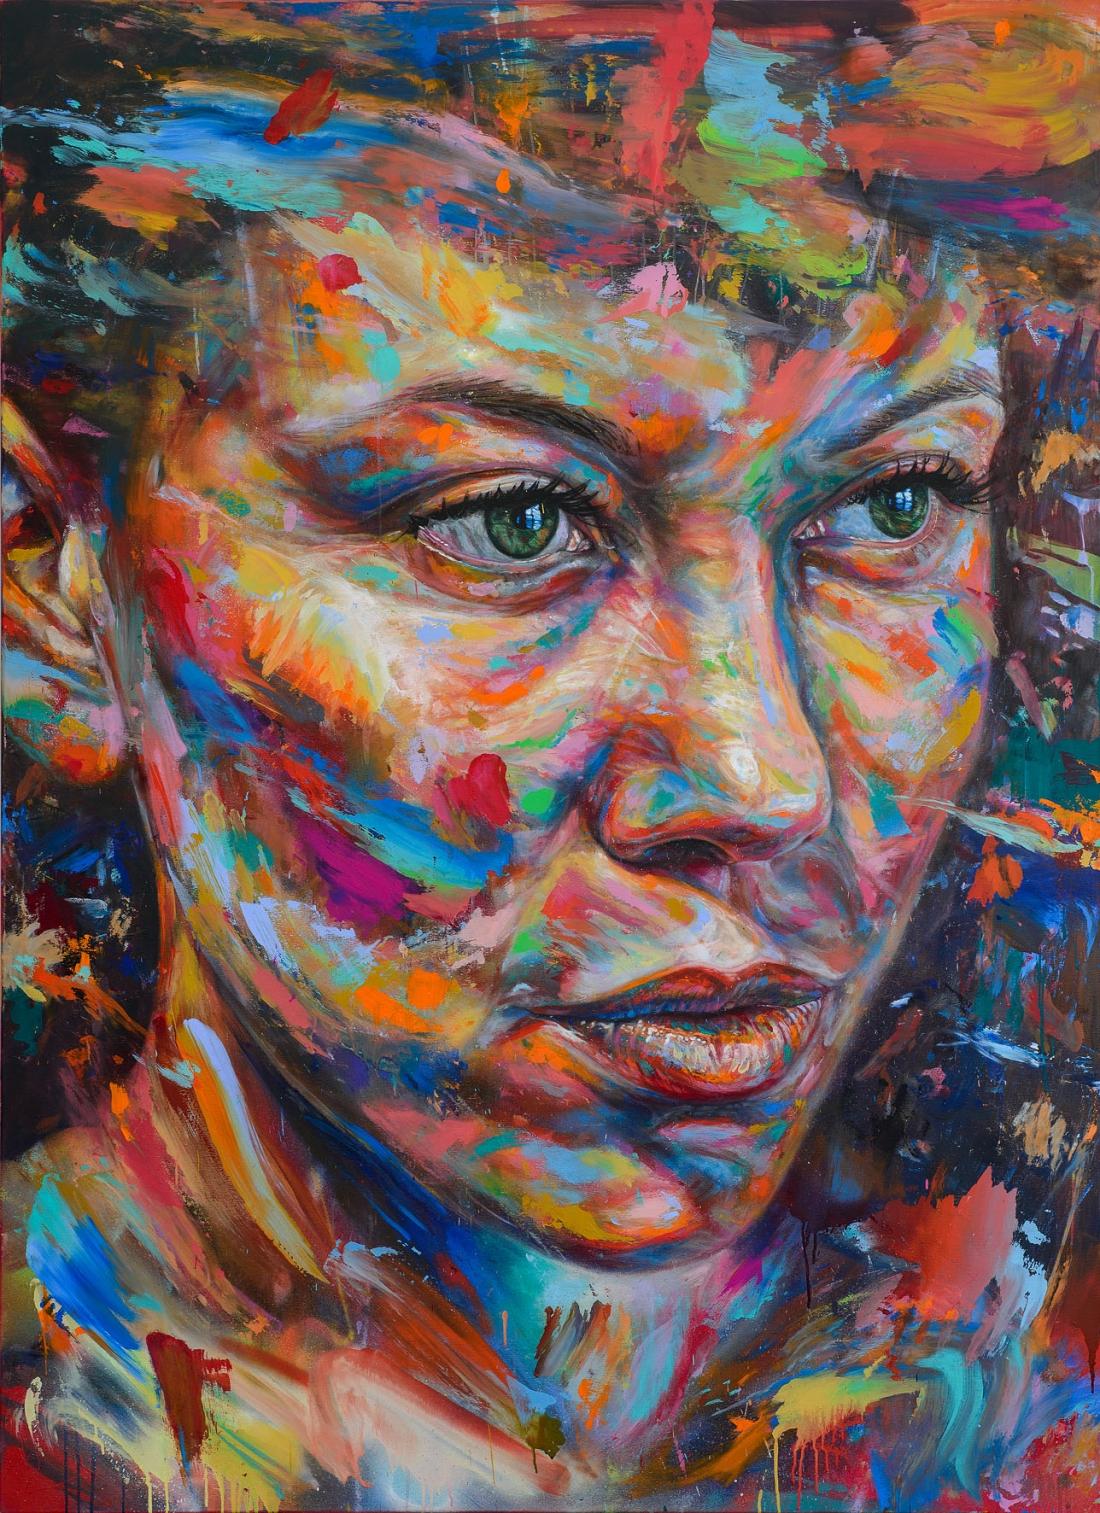 'The Sun Stares Back' acrylic and spray paint on canvas 160cm x 240cm